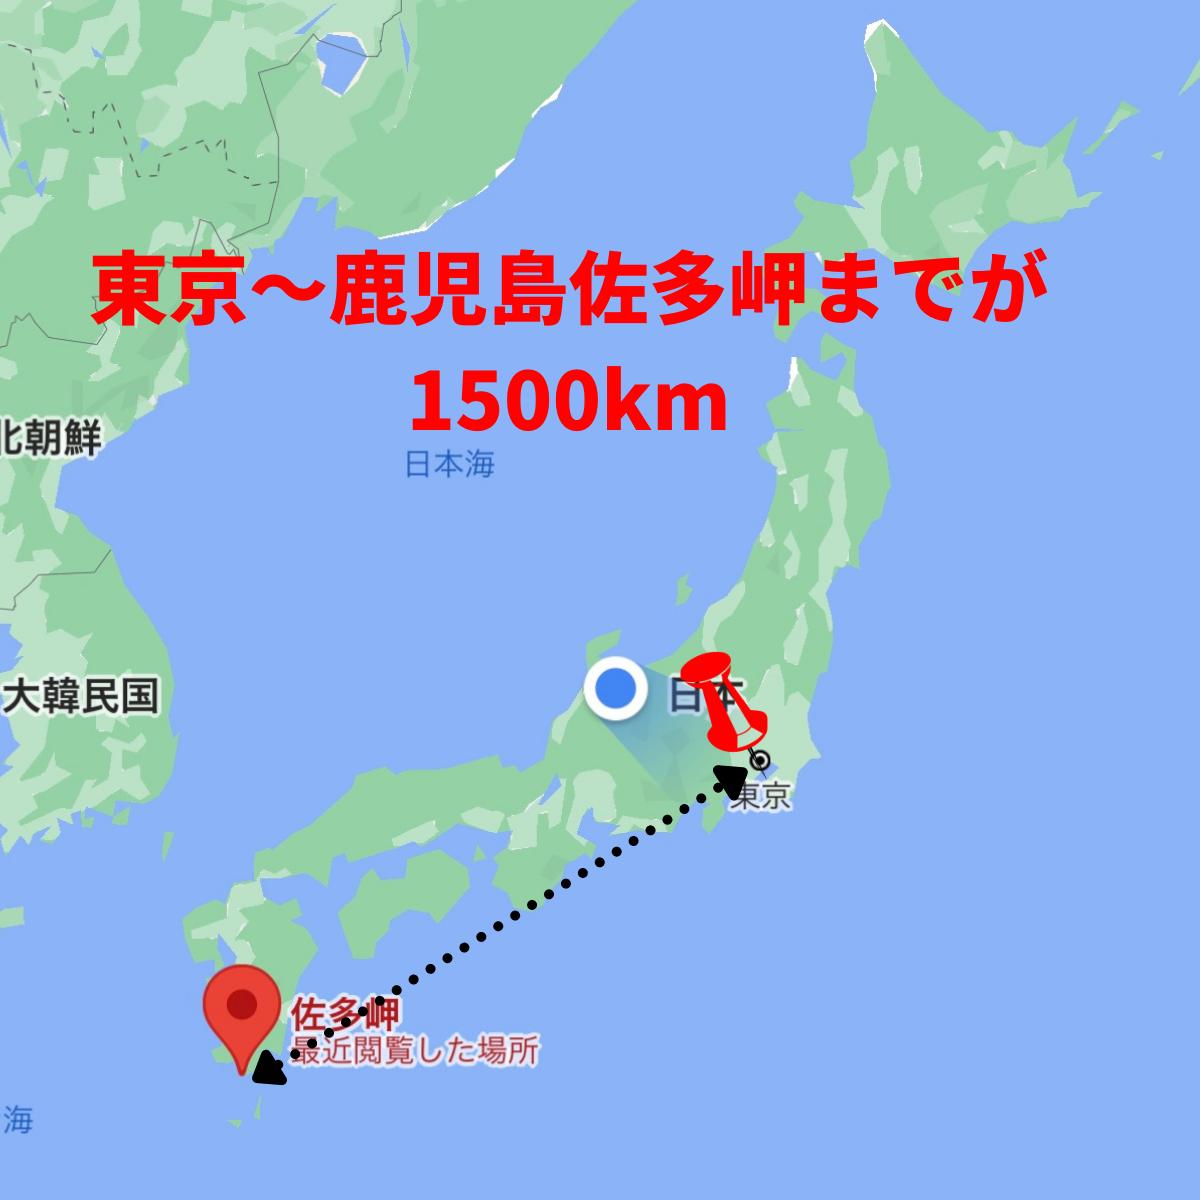 北朝鮮 1500km 東京 佐多岬